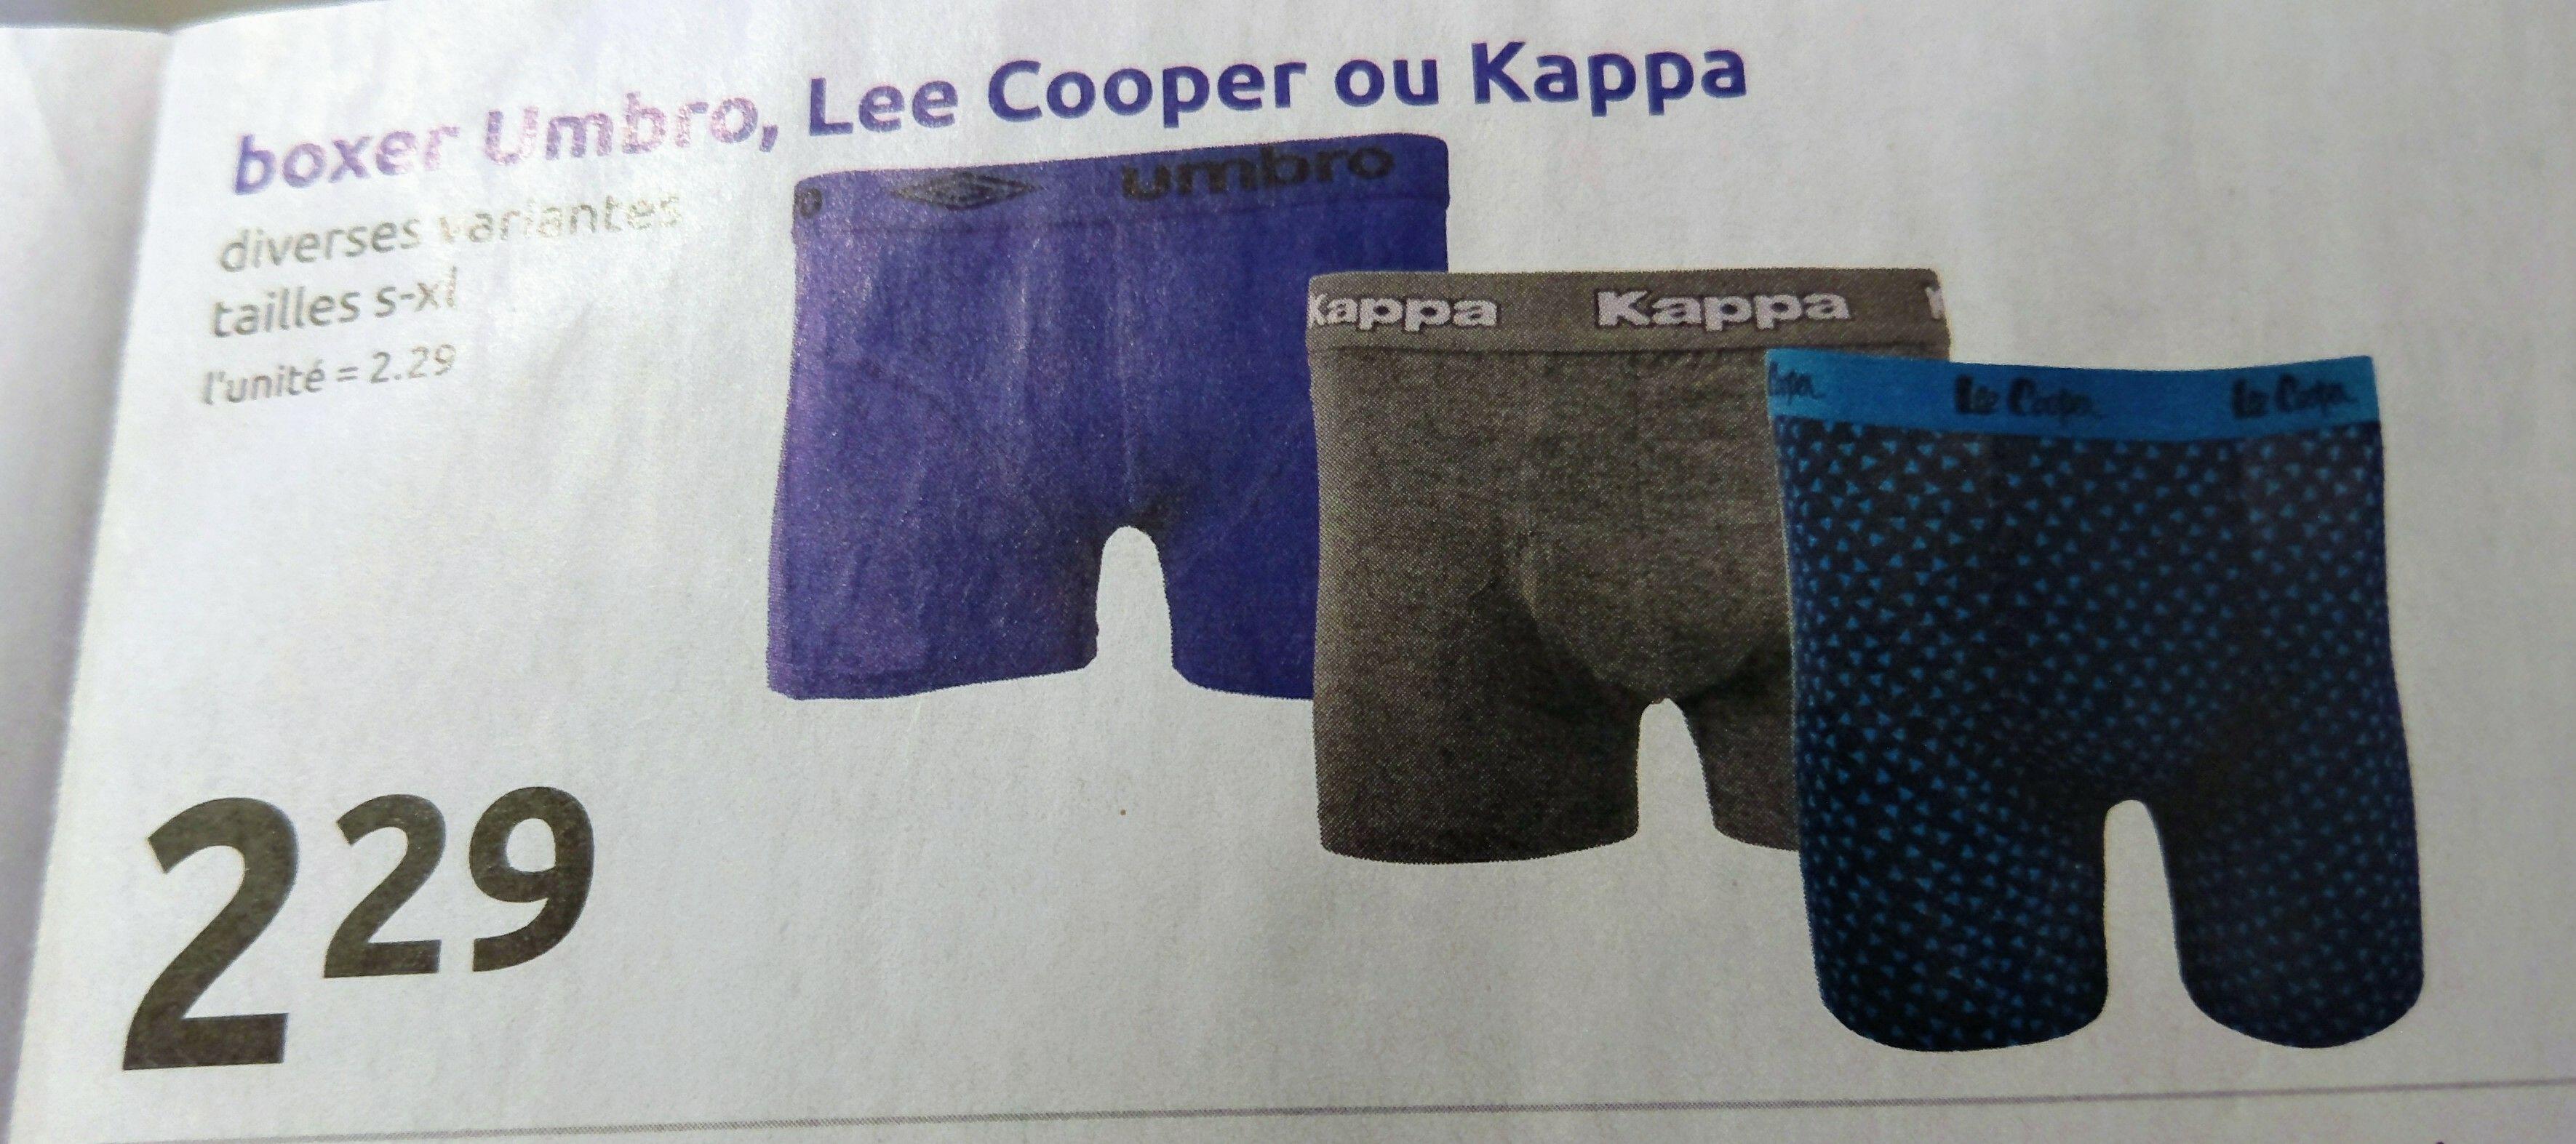 Boxer homme Lee Cooper, Umbro ou Kappa